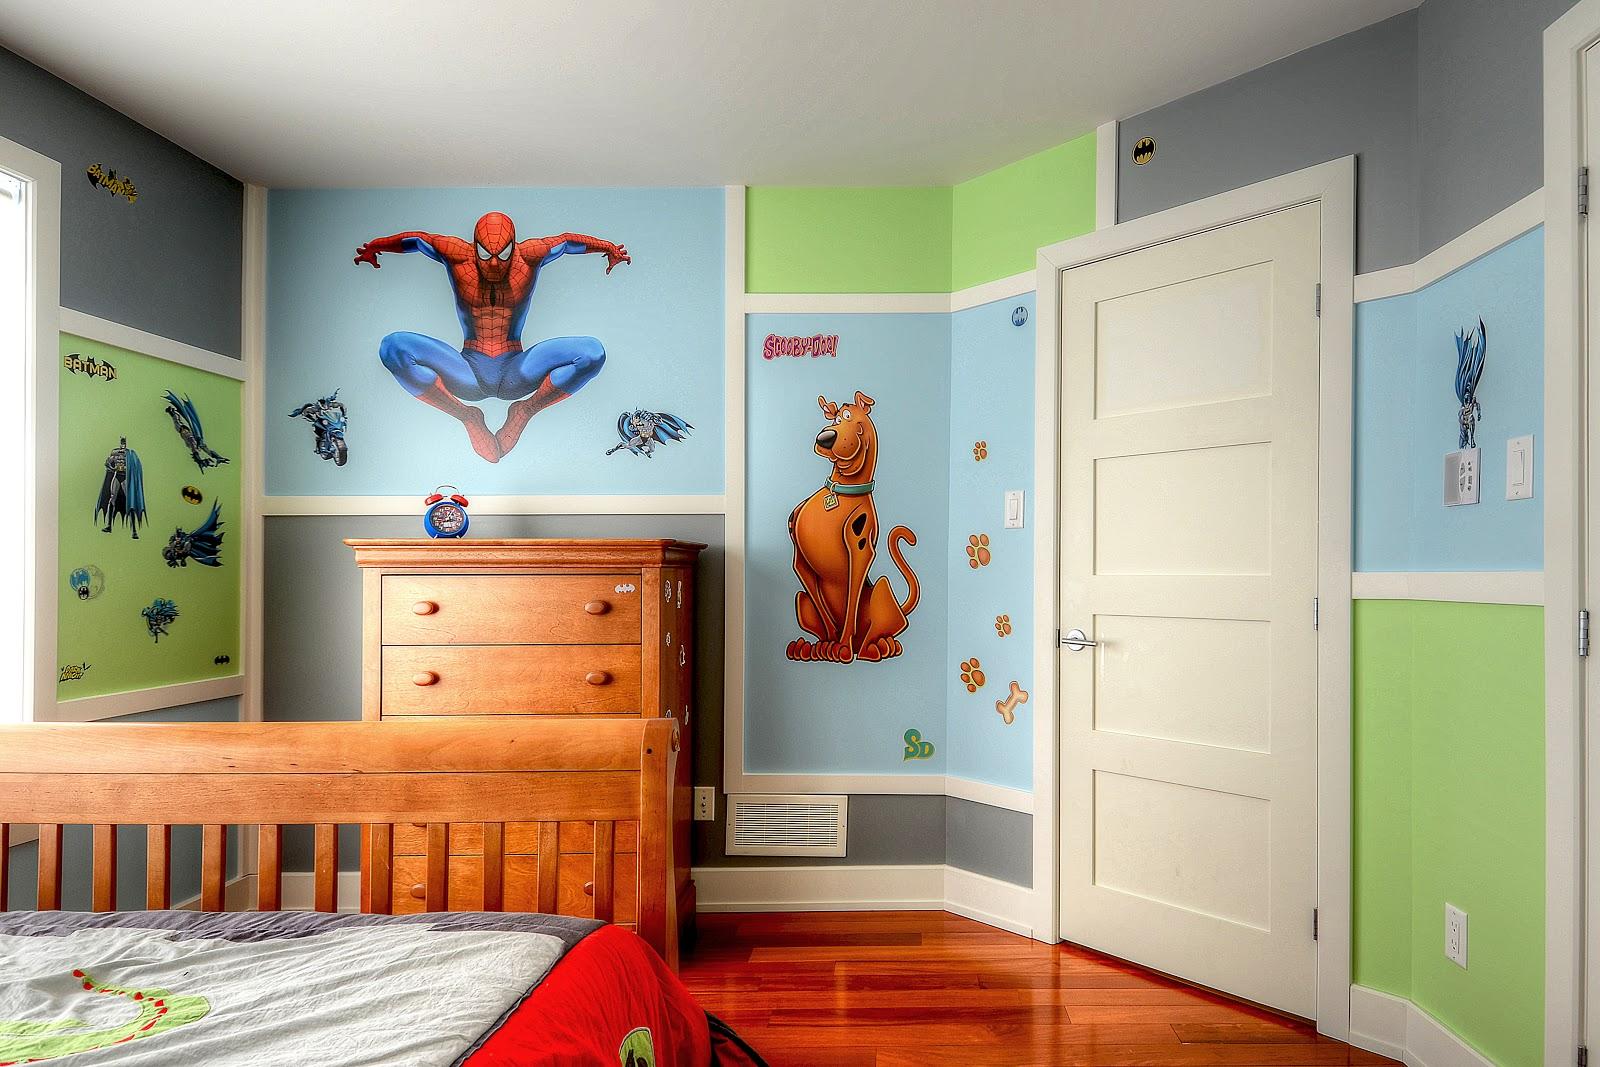 Deco peinture chambre garcon 8 ans - Idées de travaux